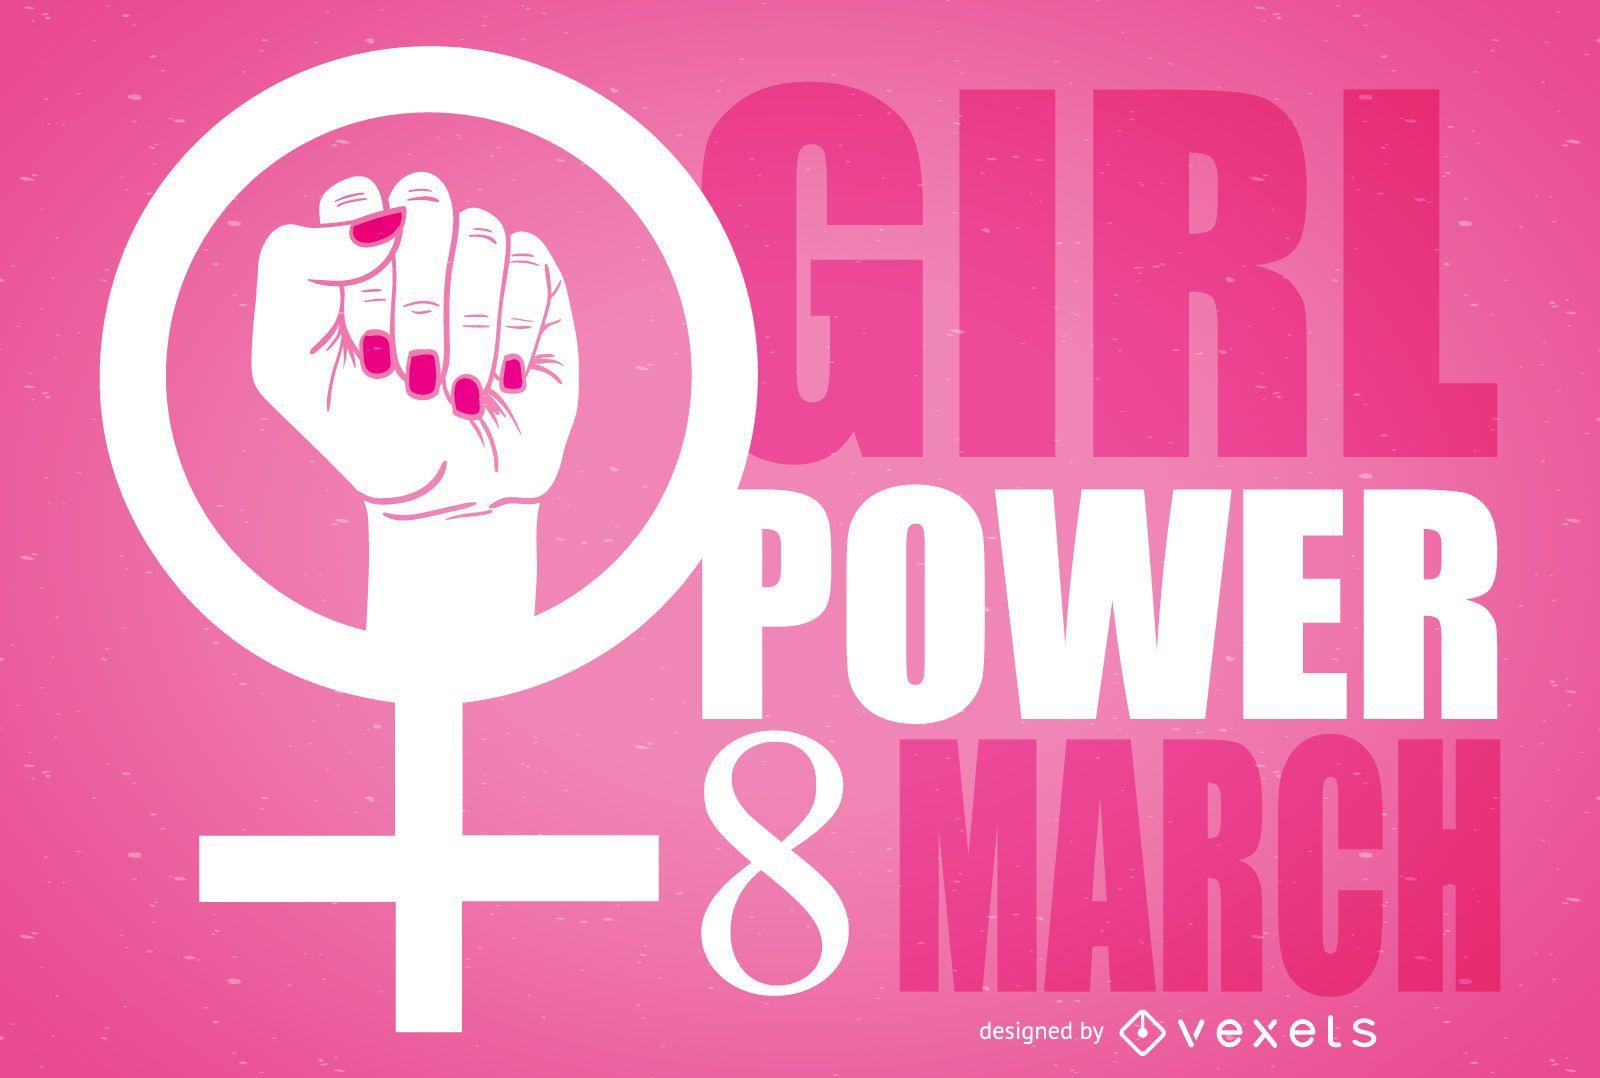 Women's Day feminist symbol illustration